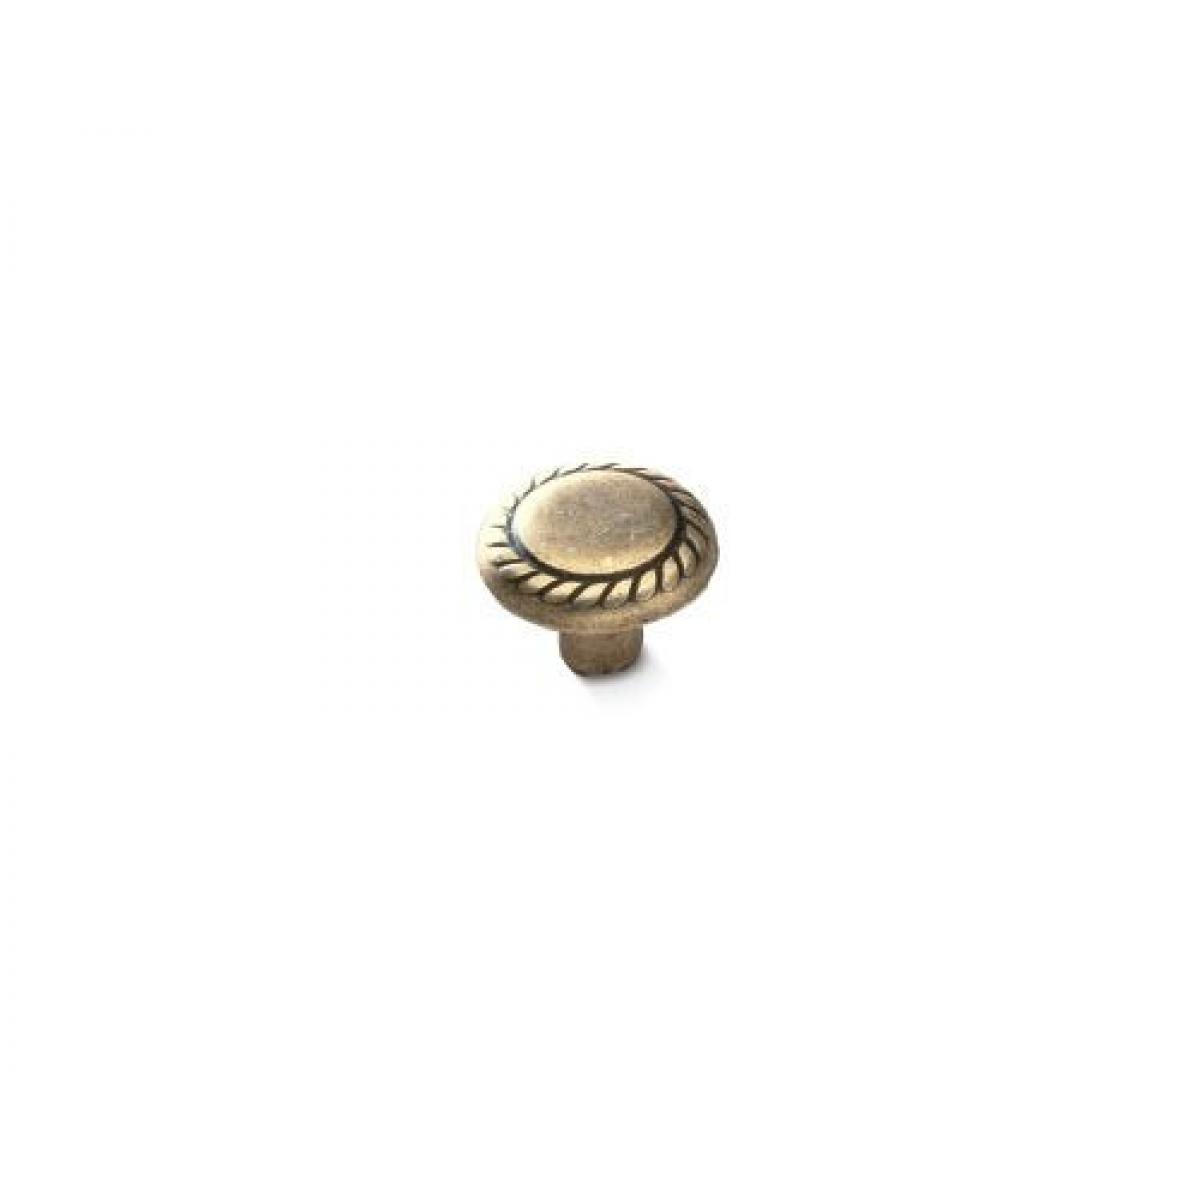 Ручка HP 4517, цвет античная бронза